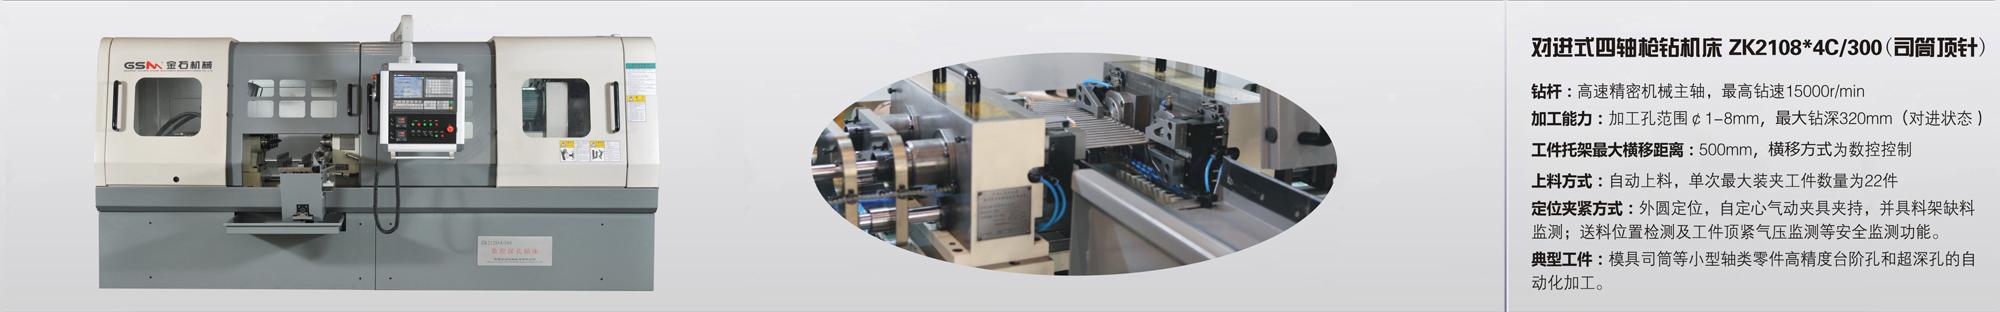 对钻式自动进料钻机ZK2108×4C/300及描述